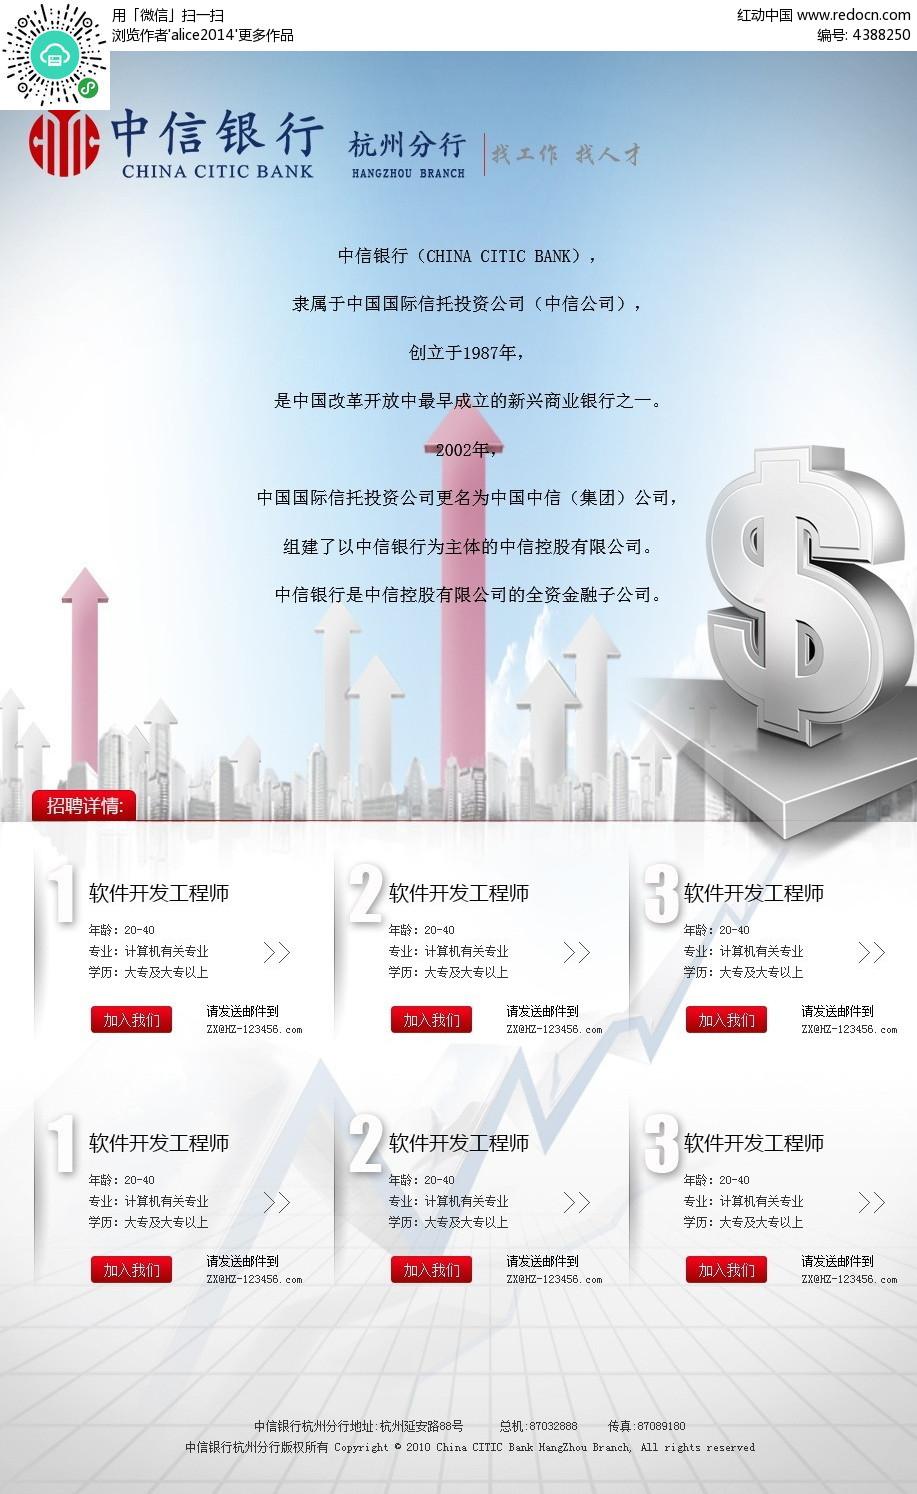 中信银行招聘海报